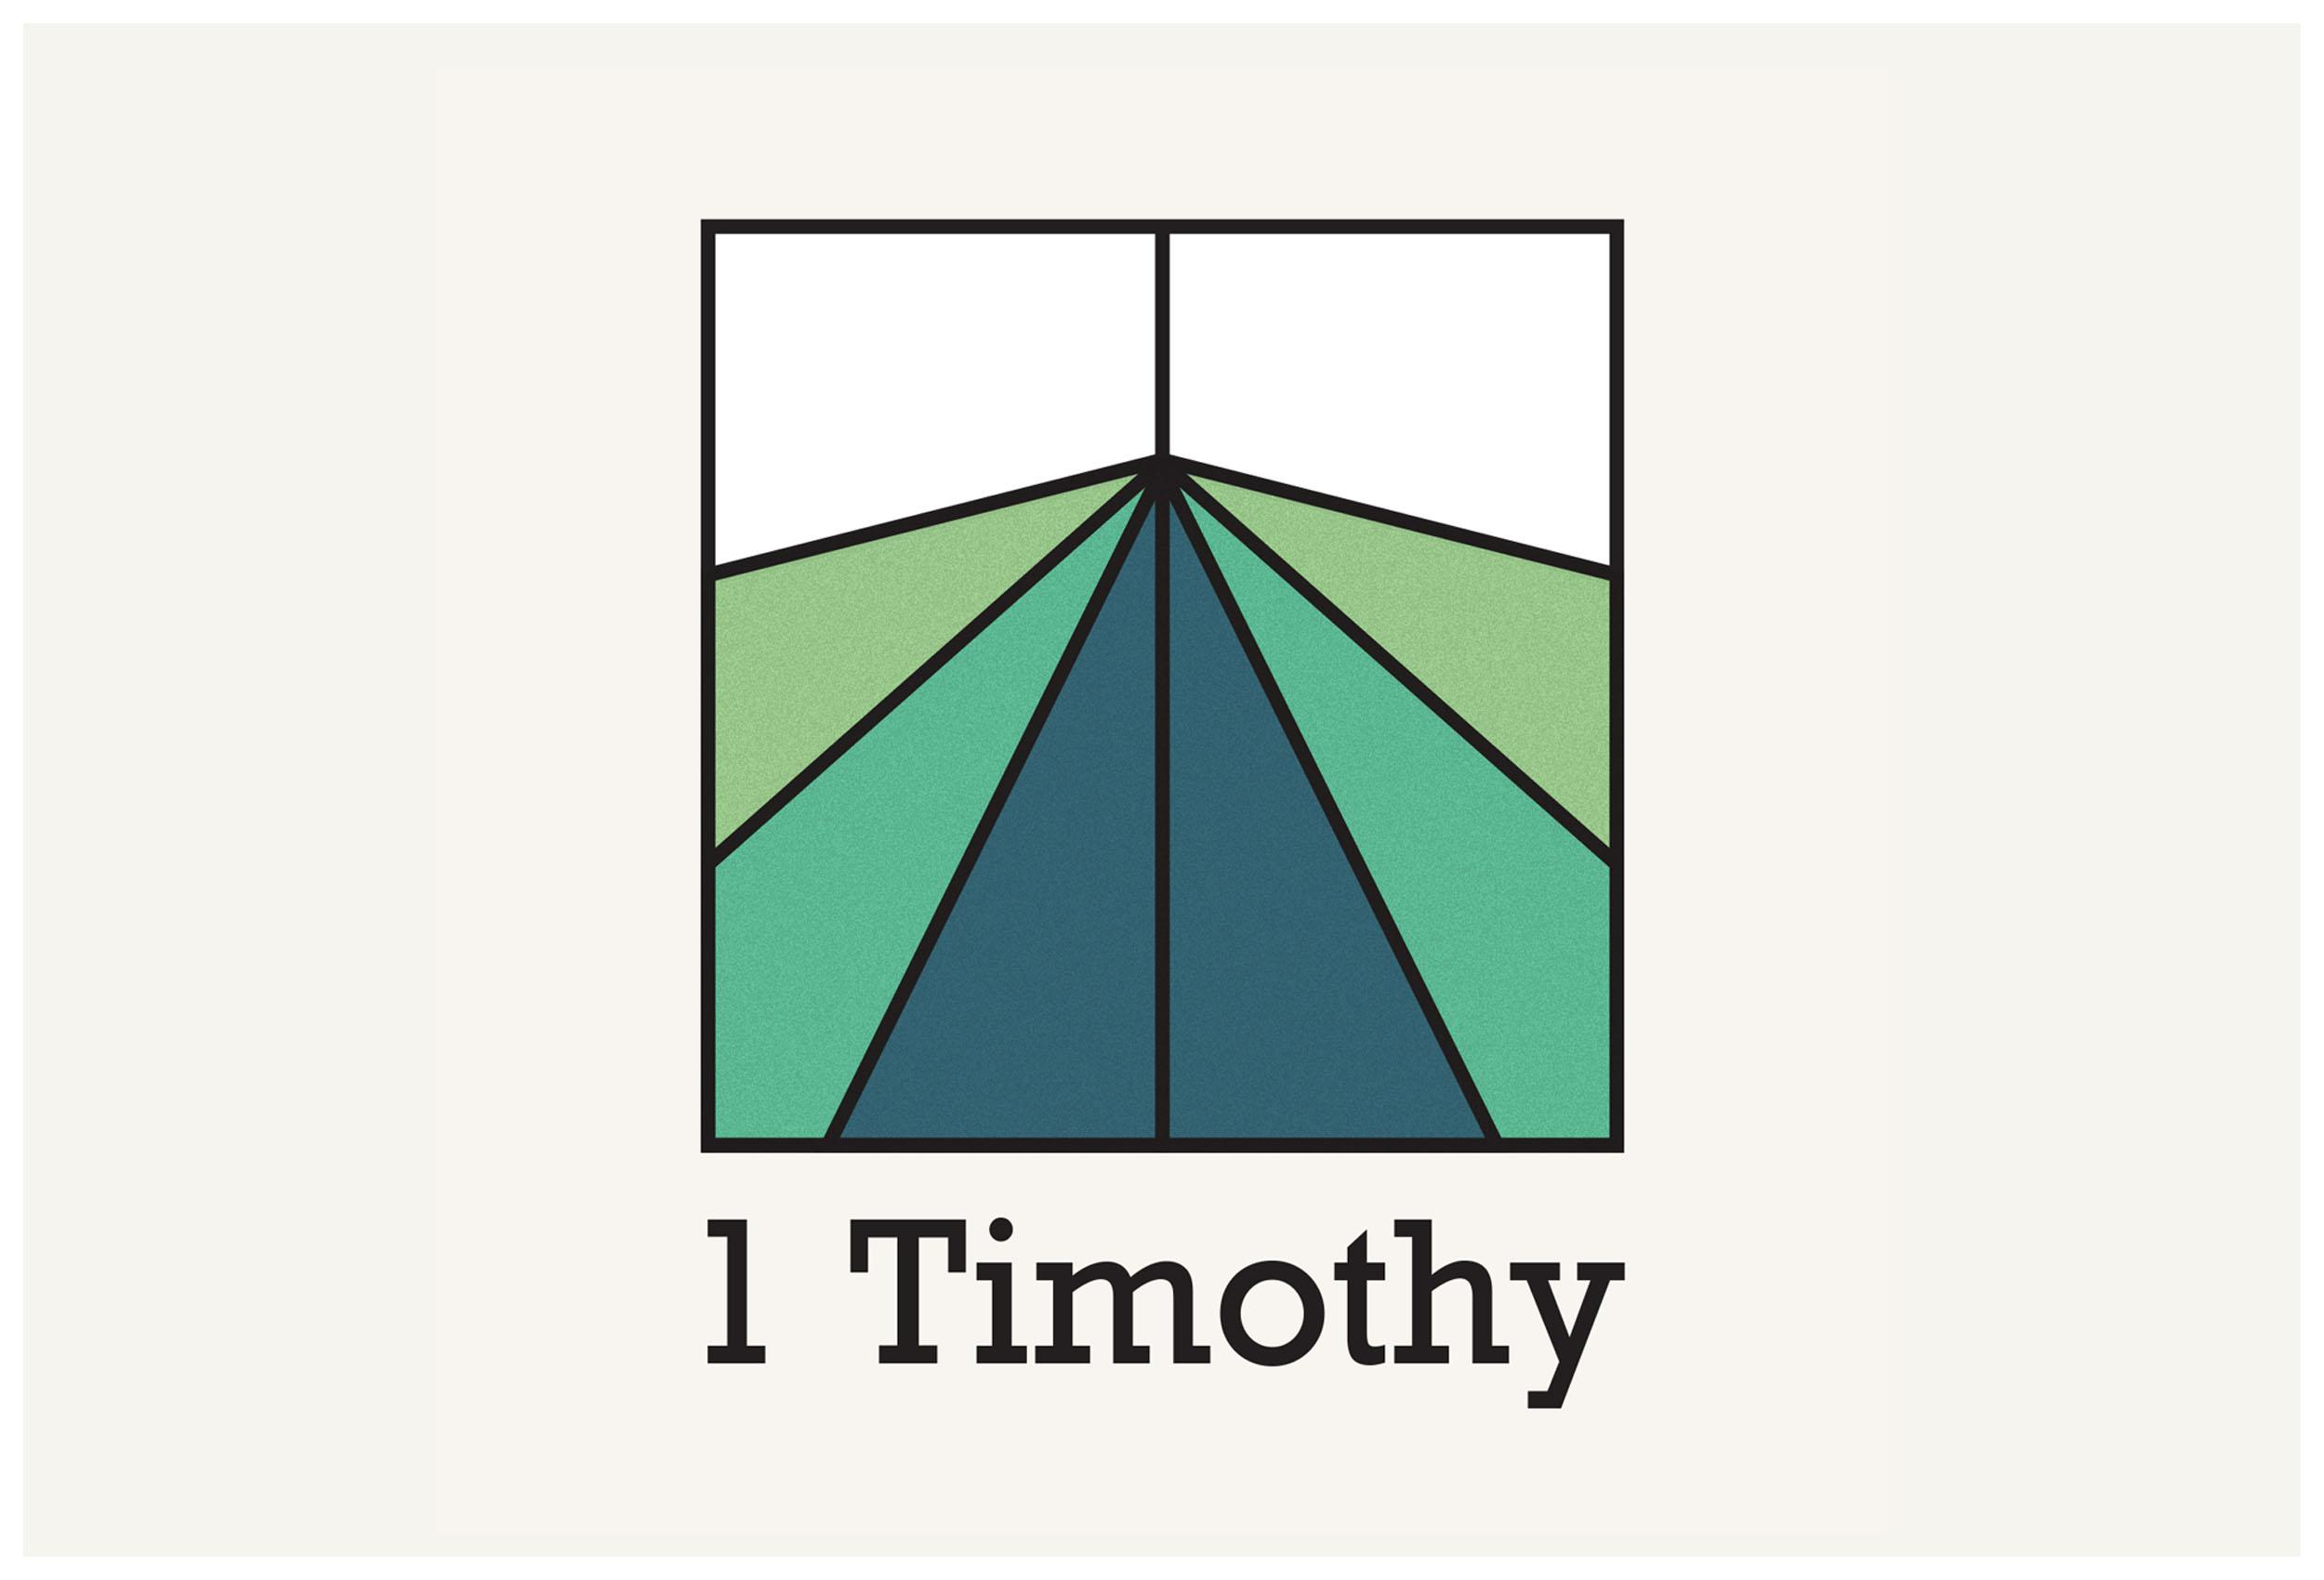 1Timothy-01.jpg